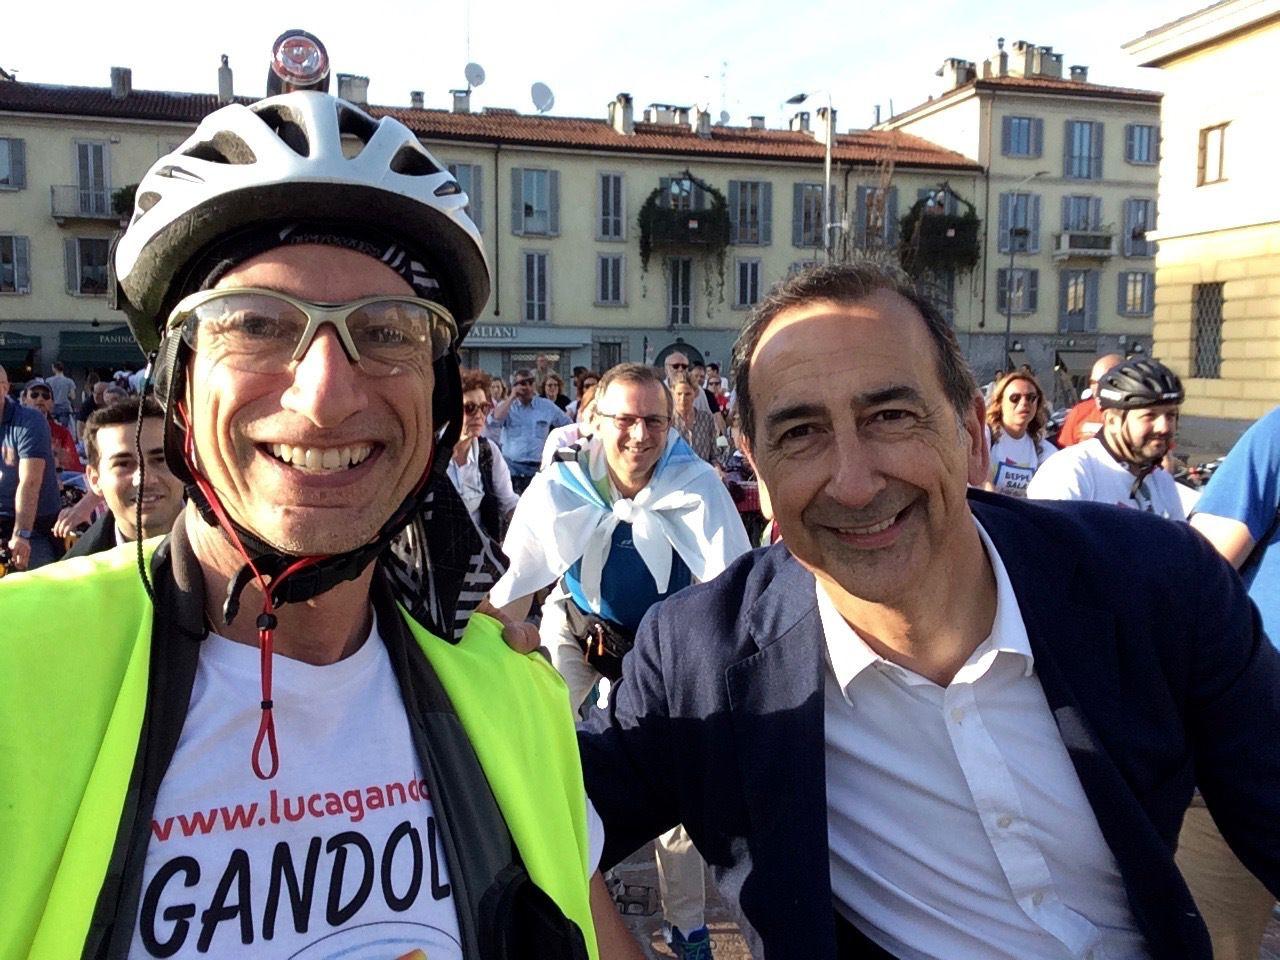 Luca Gandolfi con Beppe Sala alla biciclettata per #Milanociclabile #votaIDV #scriviGANDOLFI